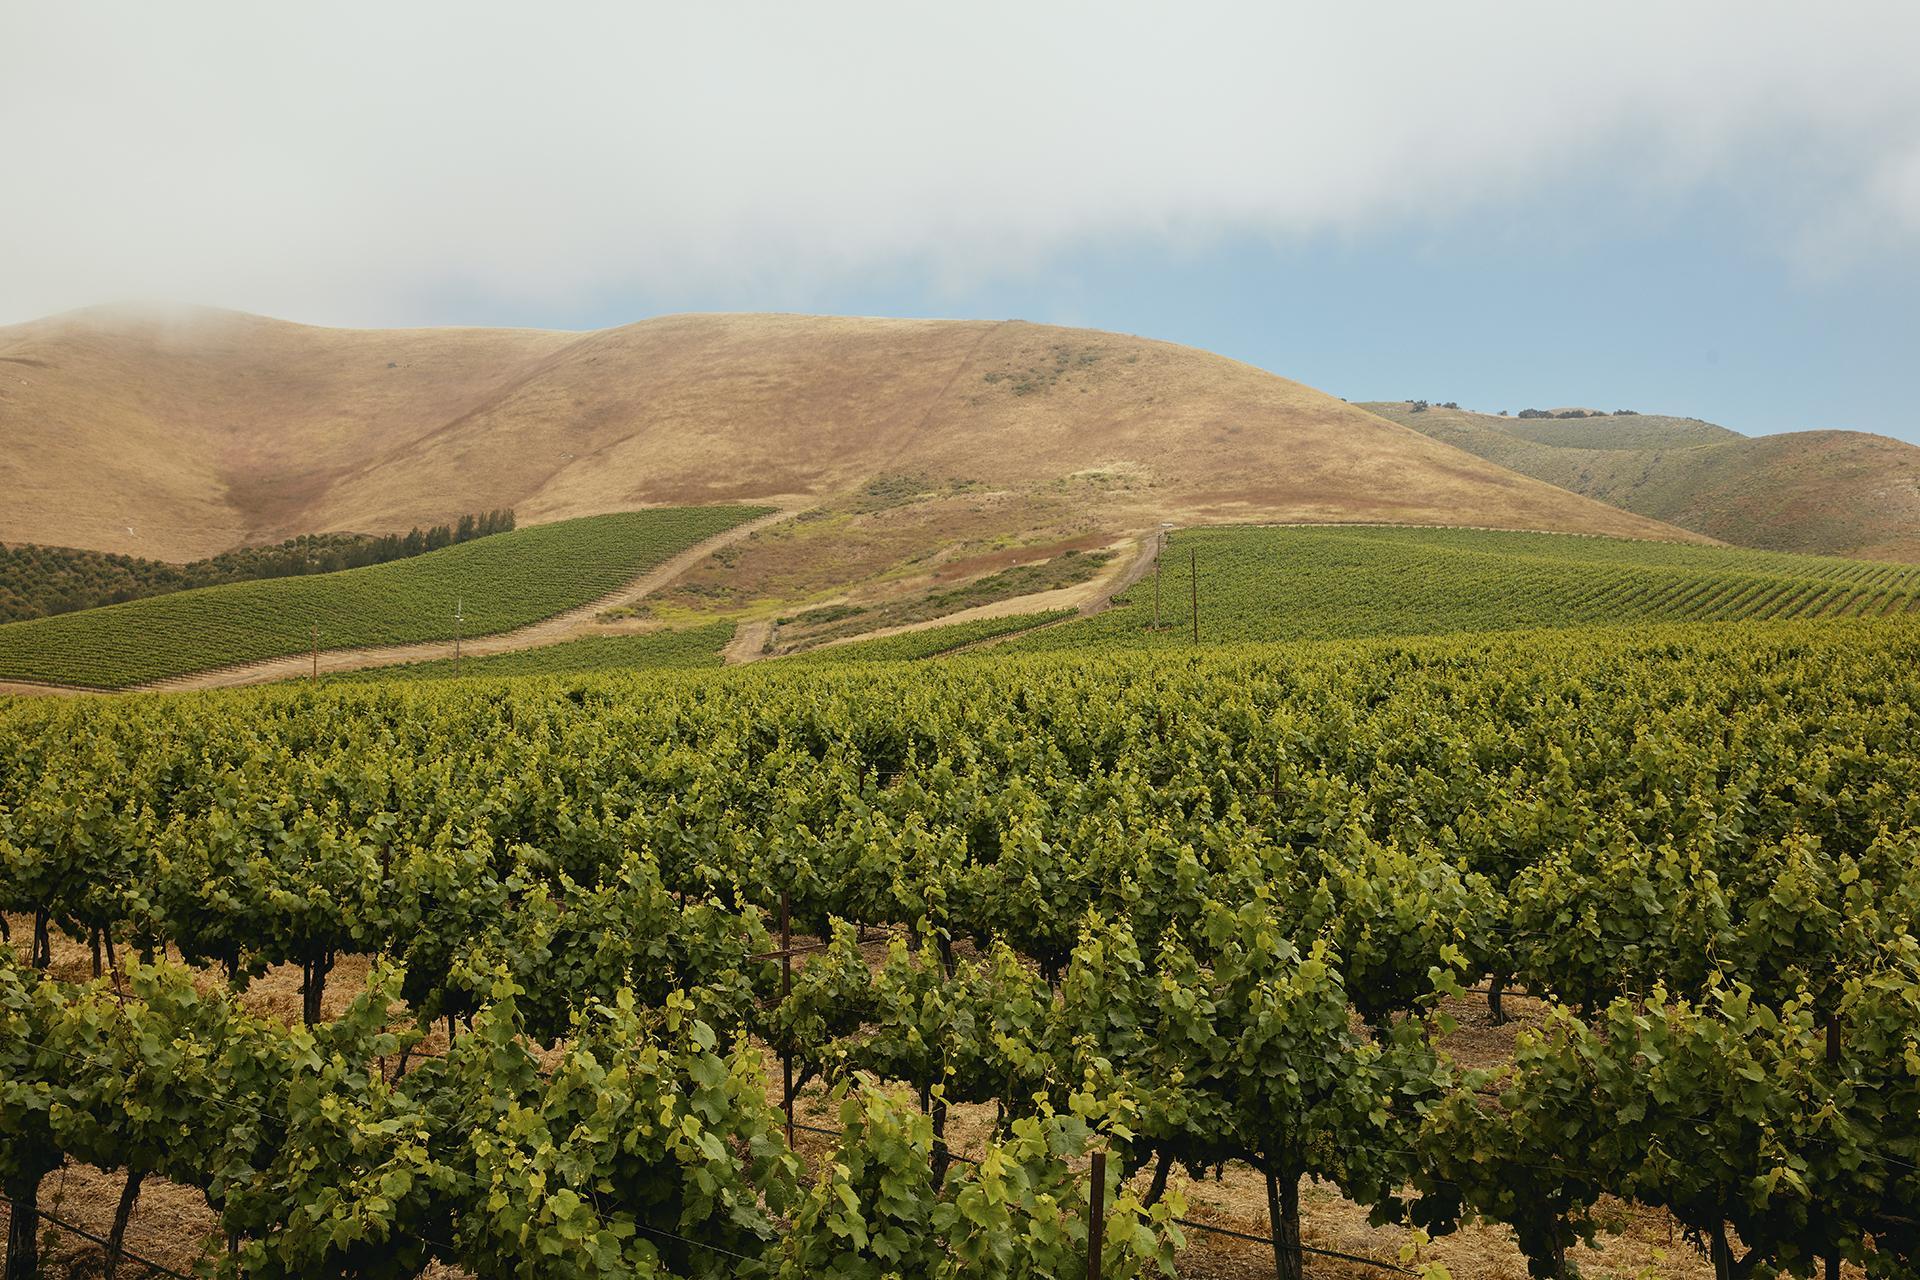 Cambria vineyards